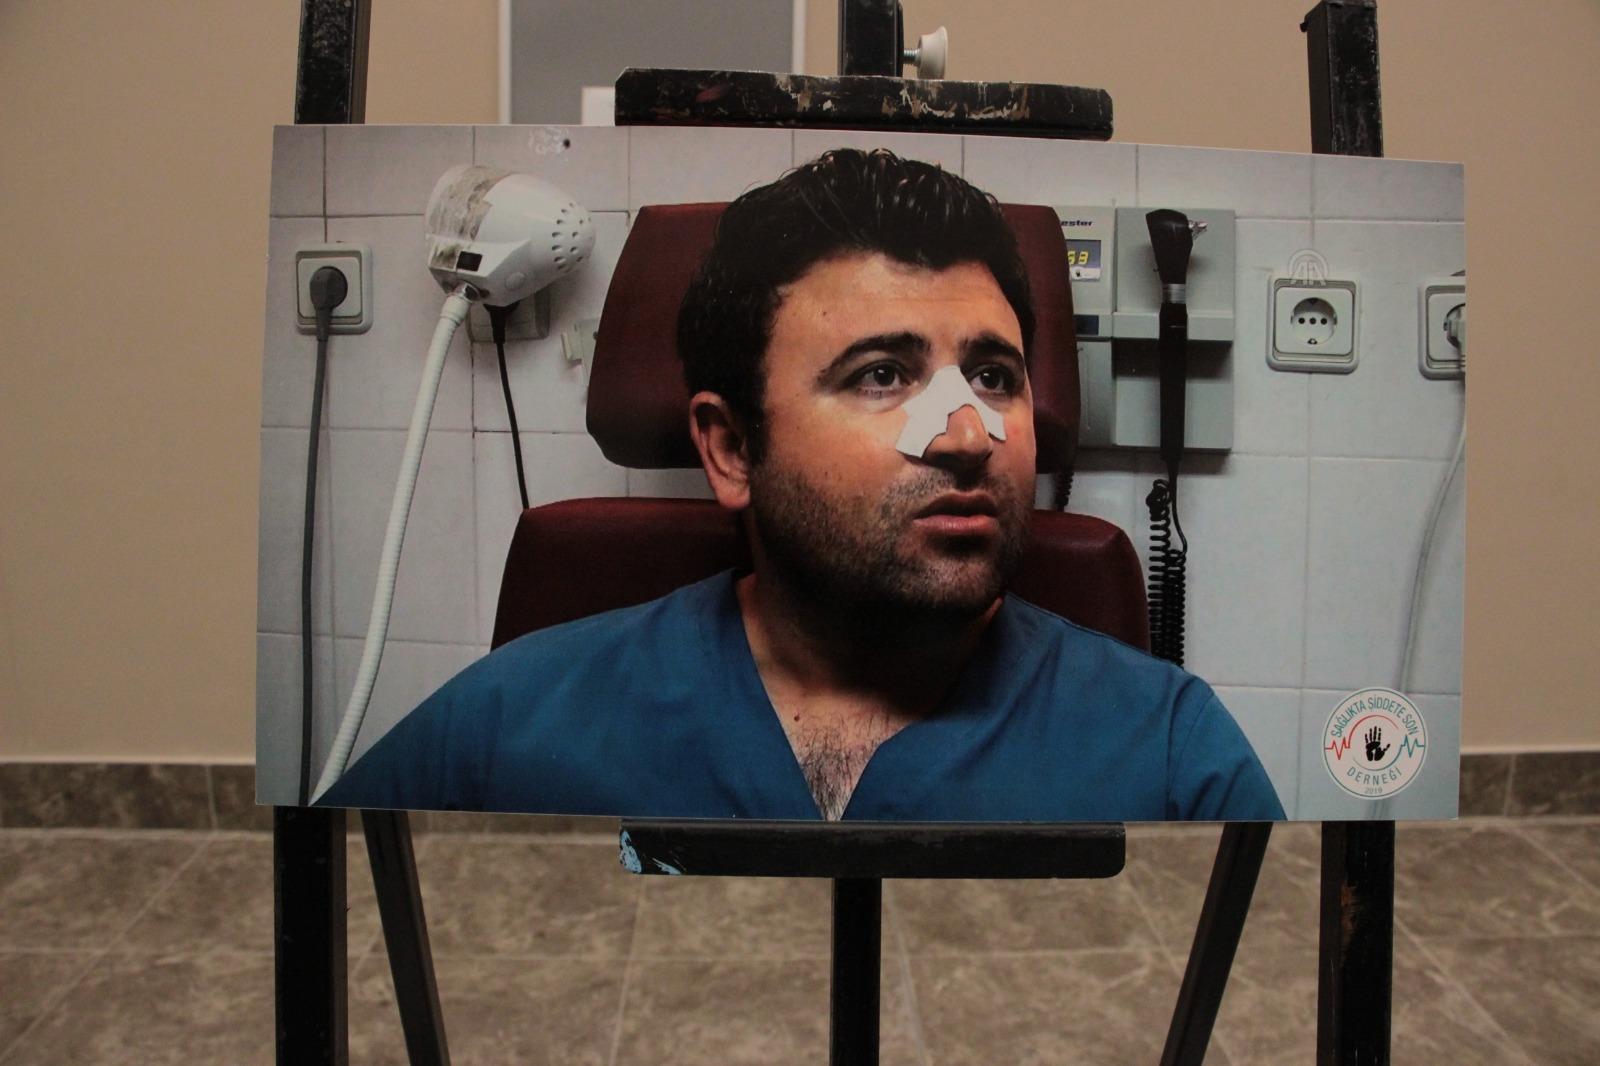 Türk Sağlık Sen Elazığ Şubesi bir ilki gerçekleştirerek sağlıkta şiddete dikkat çekmek ve şiddete tepki göstermek amacıyla Fethi Sekin Şehir Hastanesi'nde fotoğraf sergisi açtı.